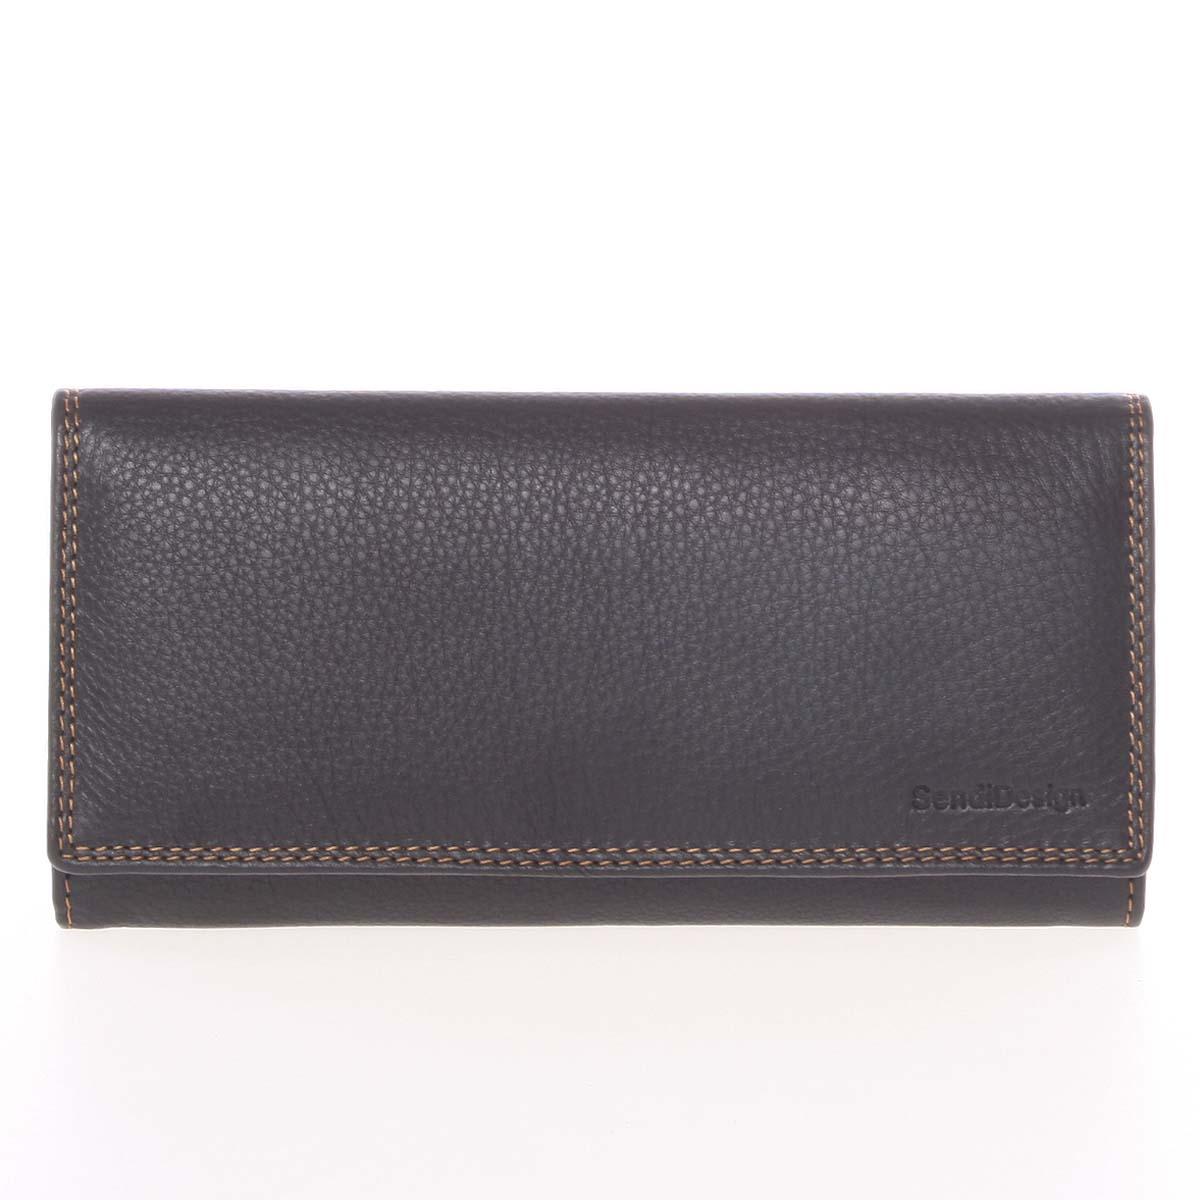 Veľká dámska čierna kožená prešívaná peňaženka - SendiDesign Phylis